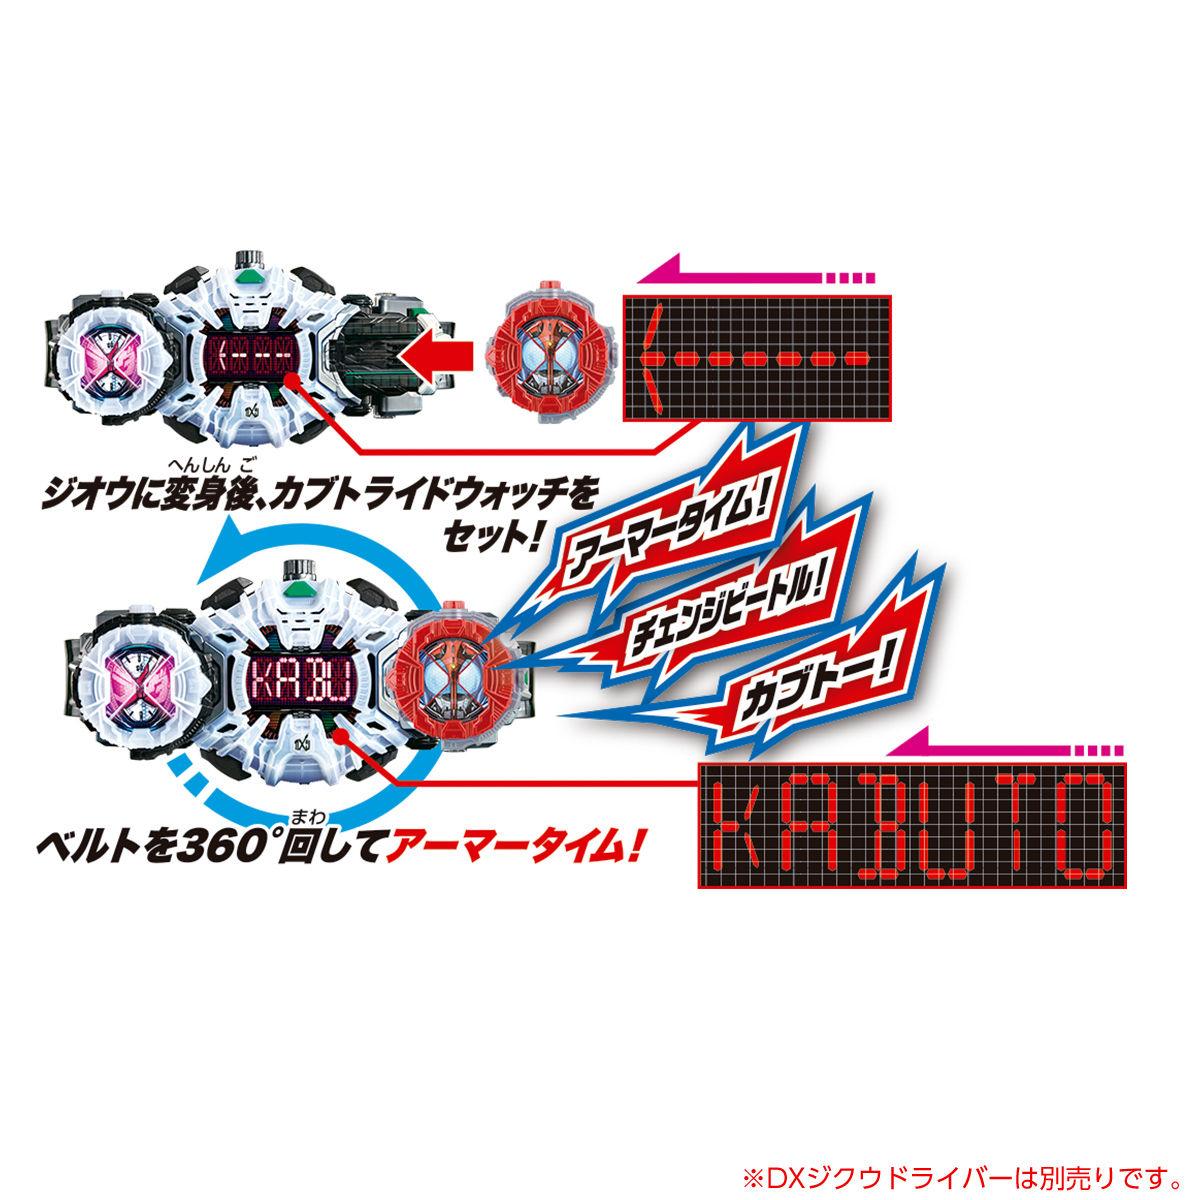 仮面ライダージオウ『DXカブトライドウォッチ』変身なりきり-006